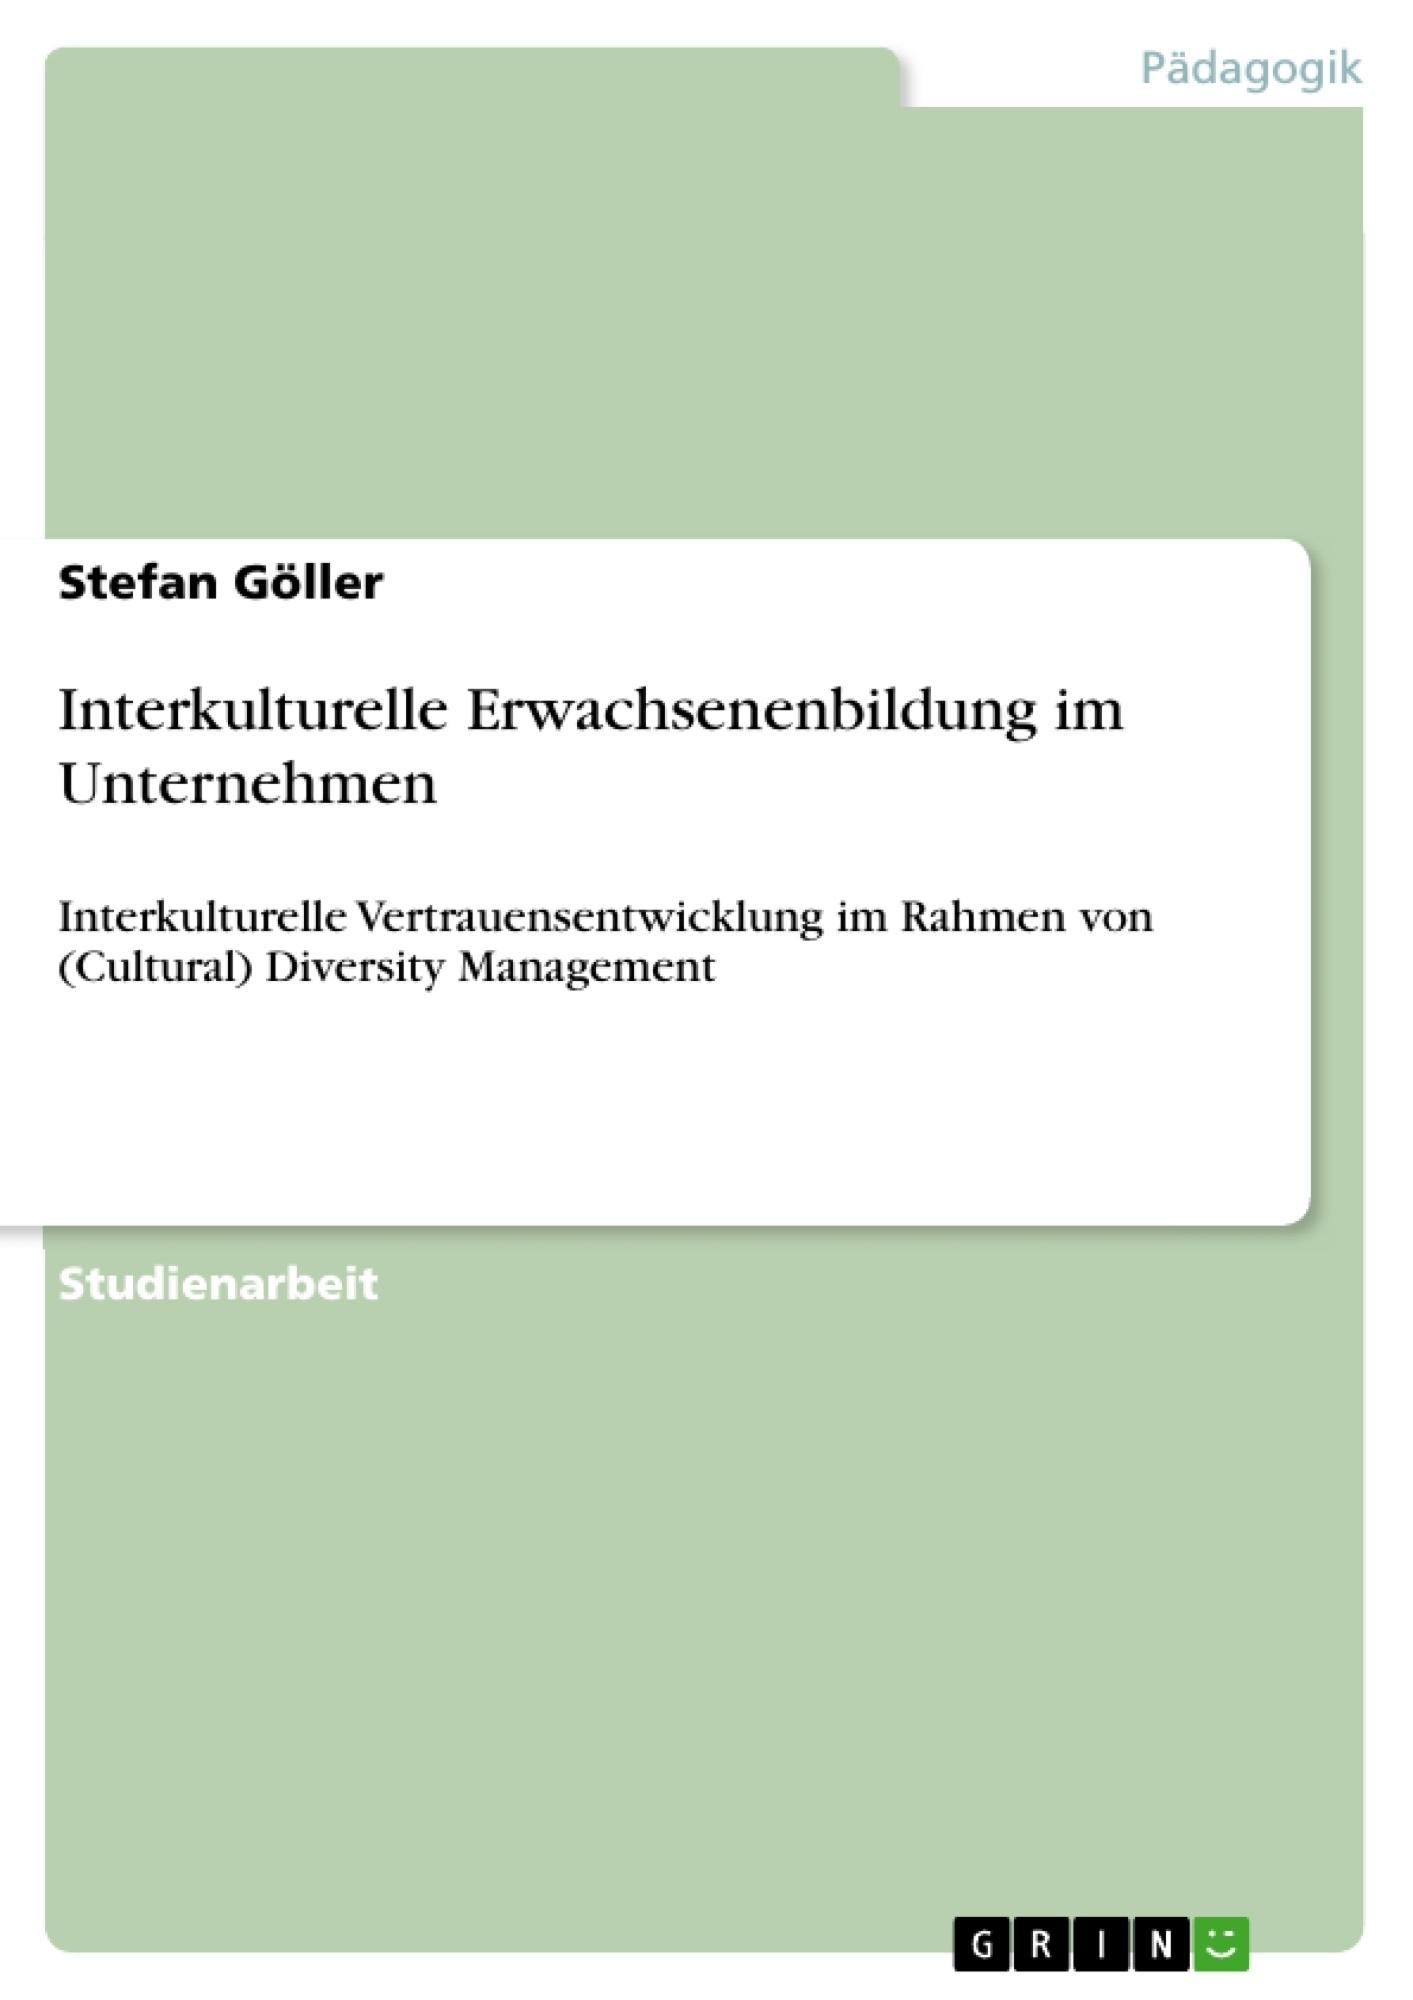 Titel: Interkulturelle Erwachsenenbildung im Unternehmen